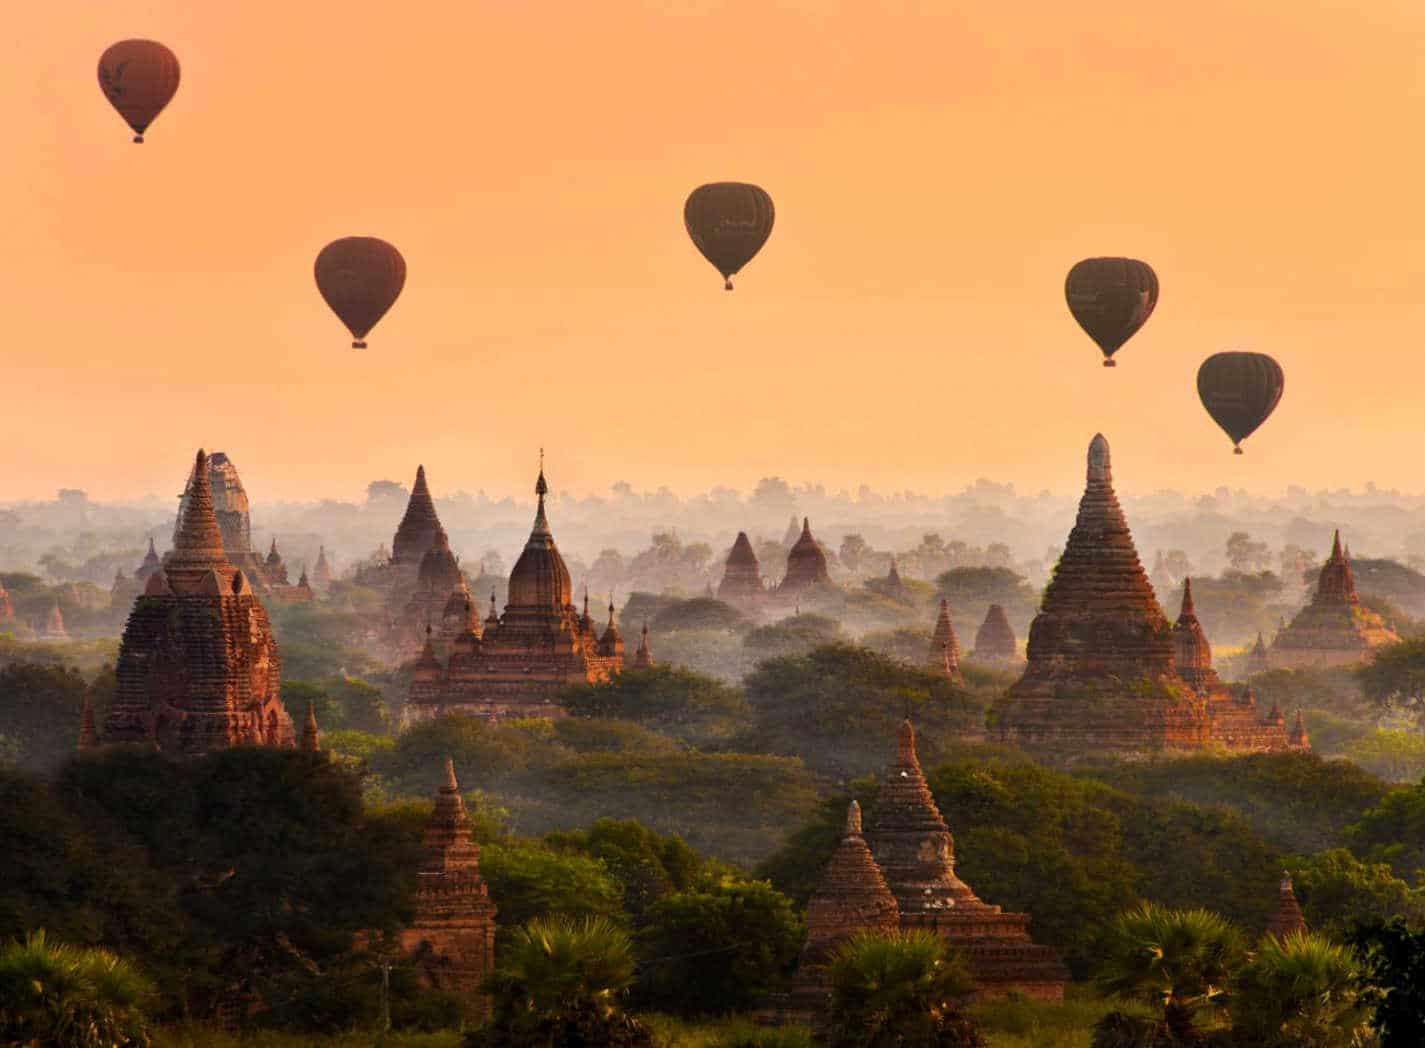 Τα 7+1 ιστορικά μνημεία της Ασίας που αξίζει να δείτε από κοντά!